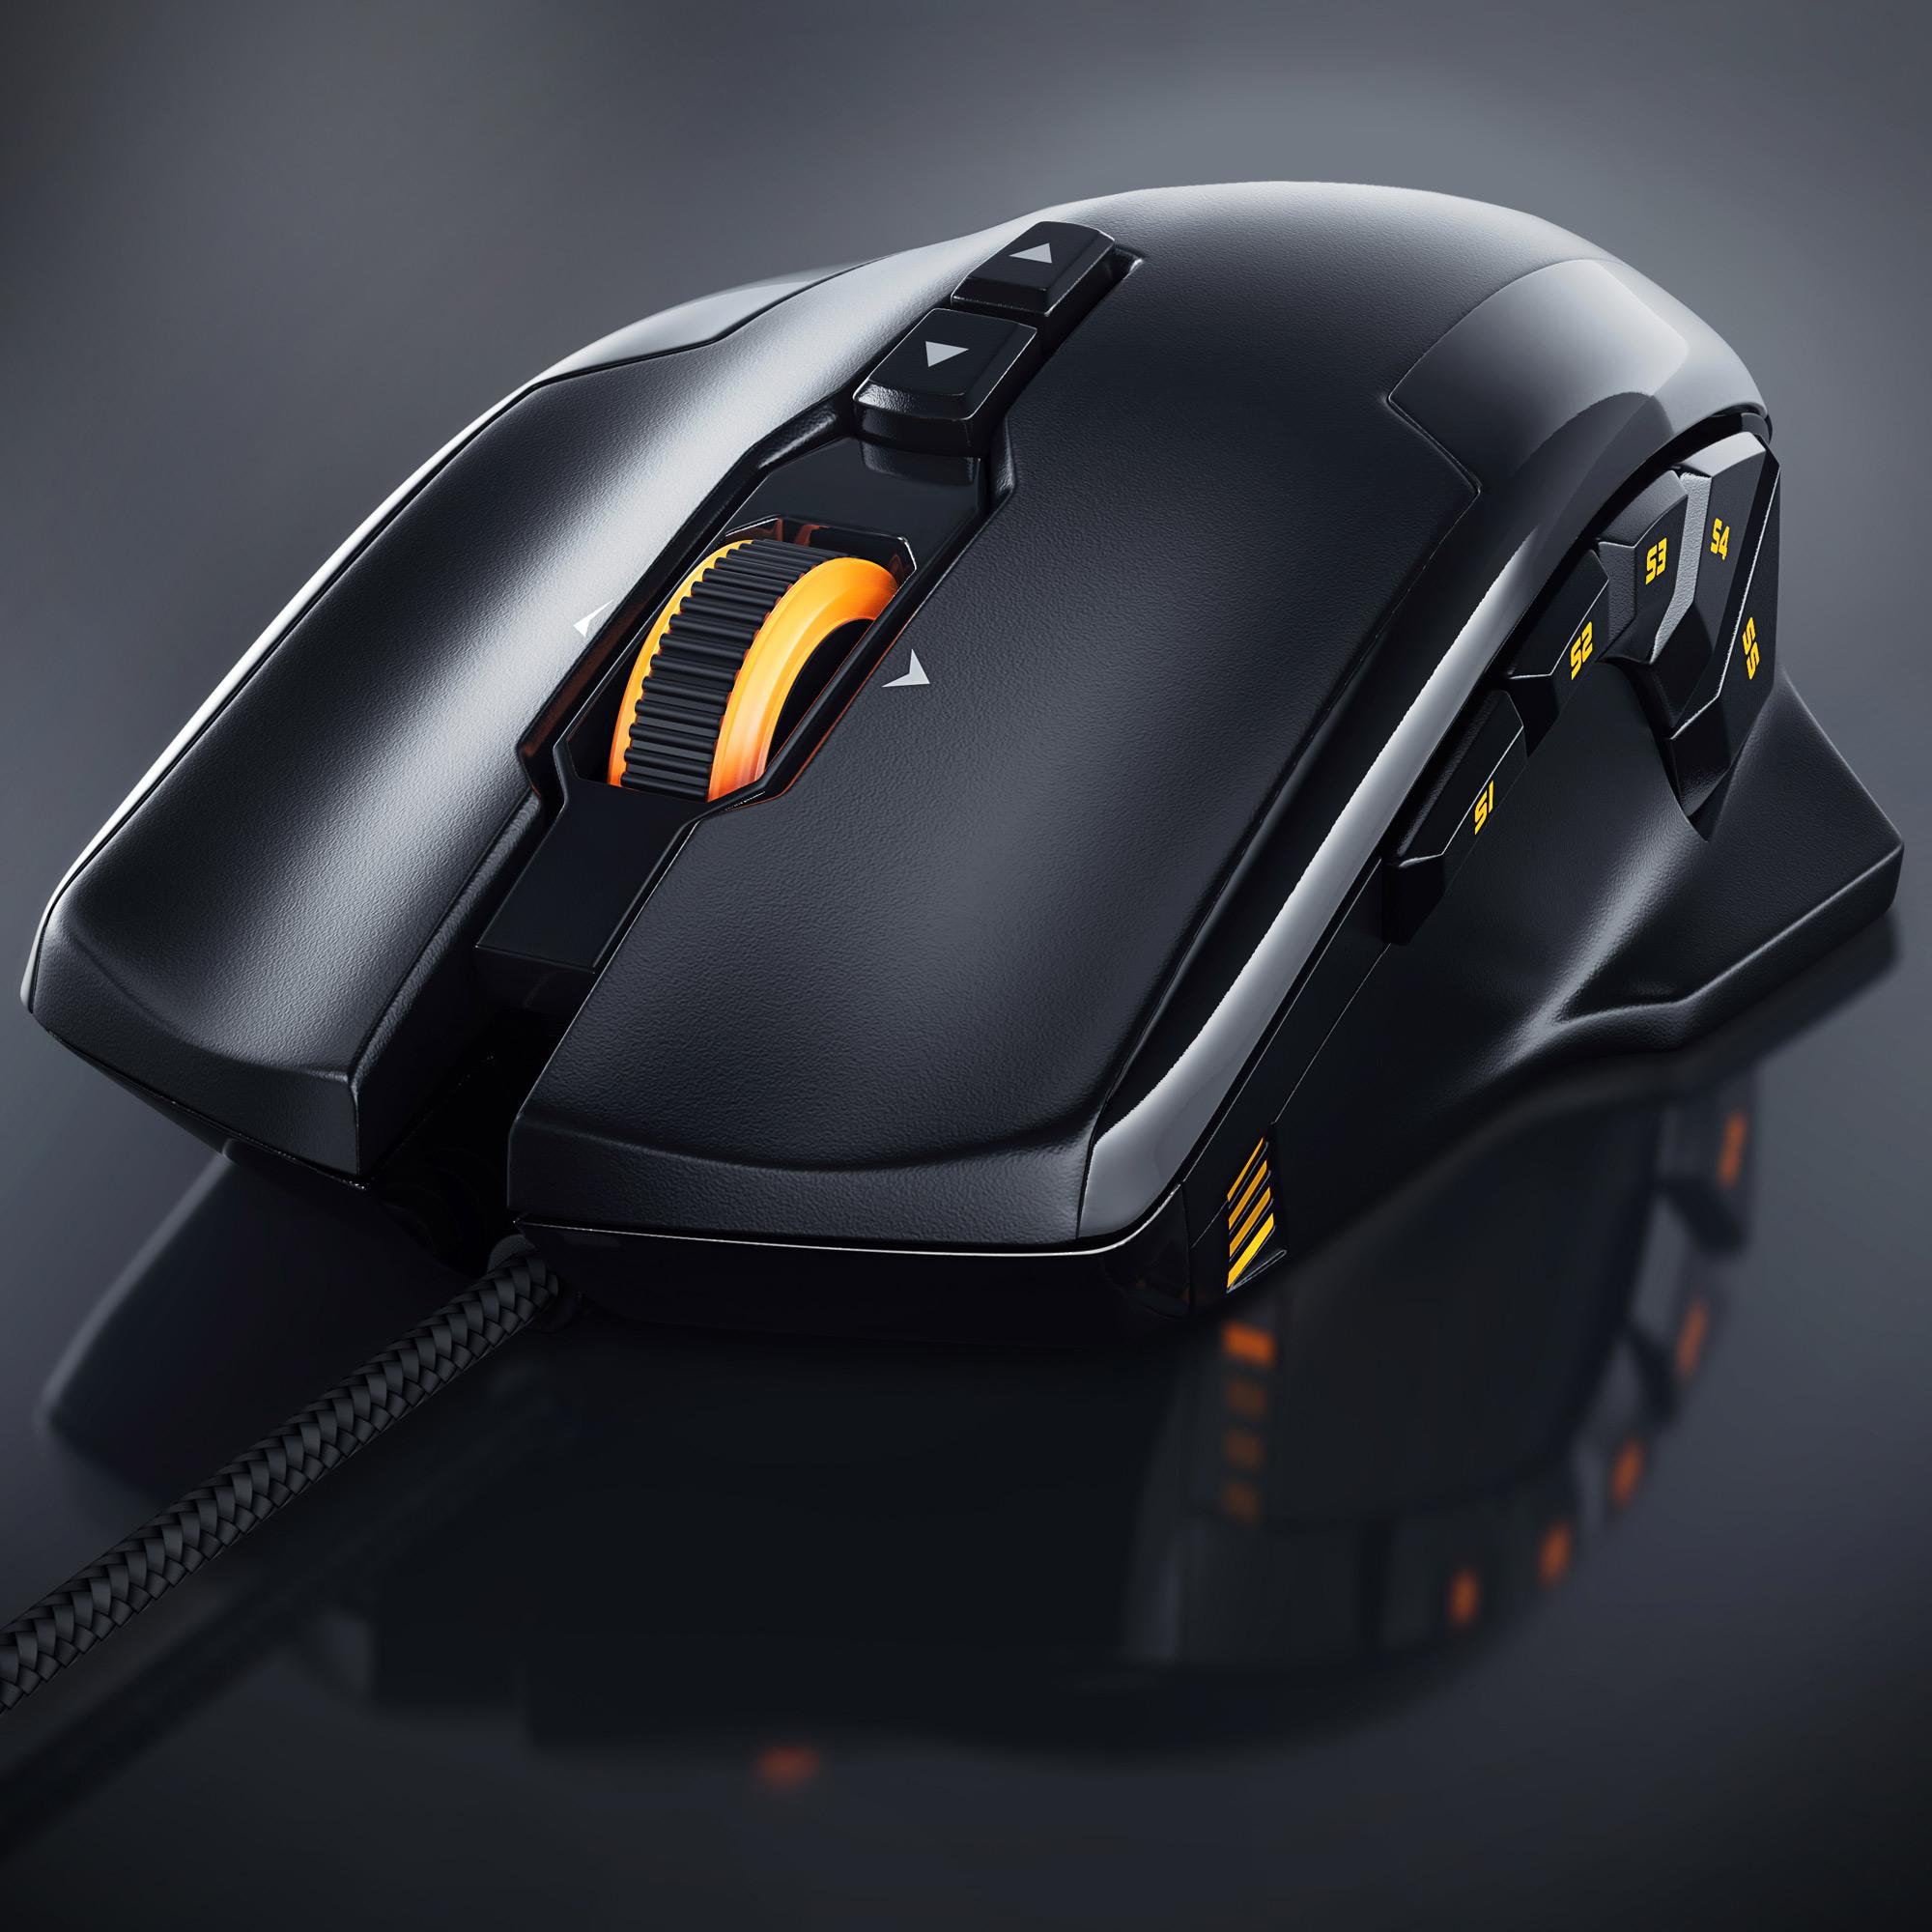 302645-Gaming-Maus-Specialist-Galerie-auf-schwarz-ohne-gnubbel.jpg